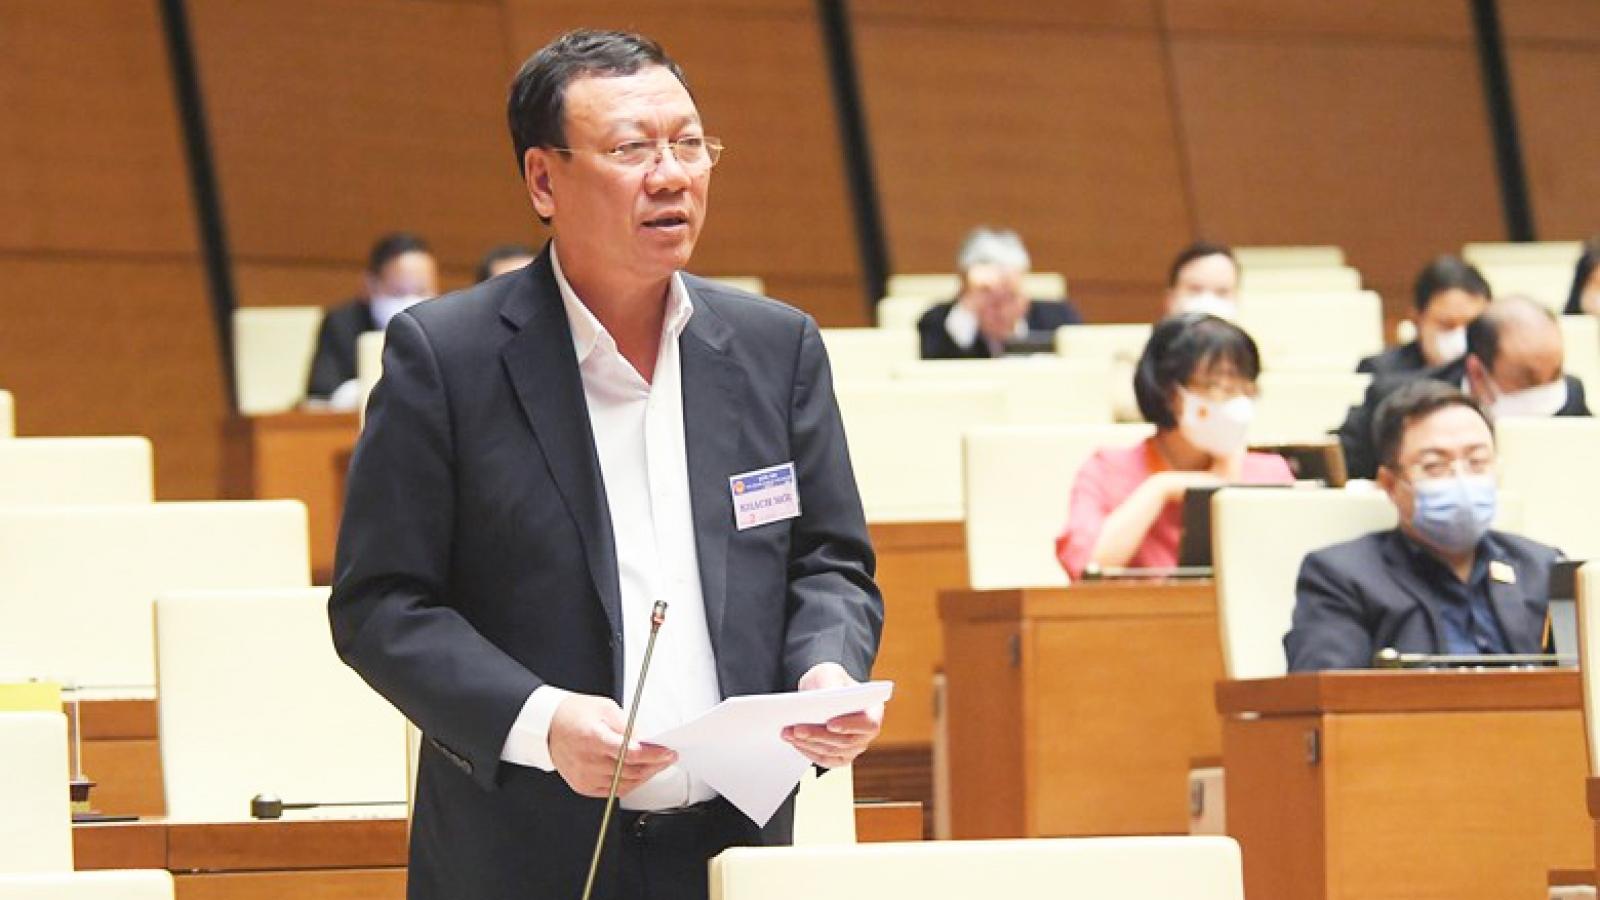 Tổng Thanh tra Đoàn Hồng Phong: Báo cáo Thủ tướng chuyển nhiều vụ việc sang cơ quan điều tra